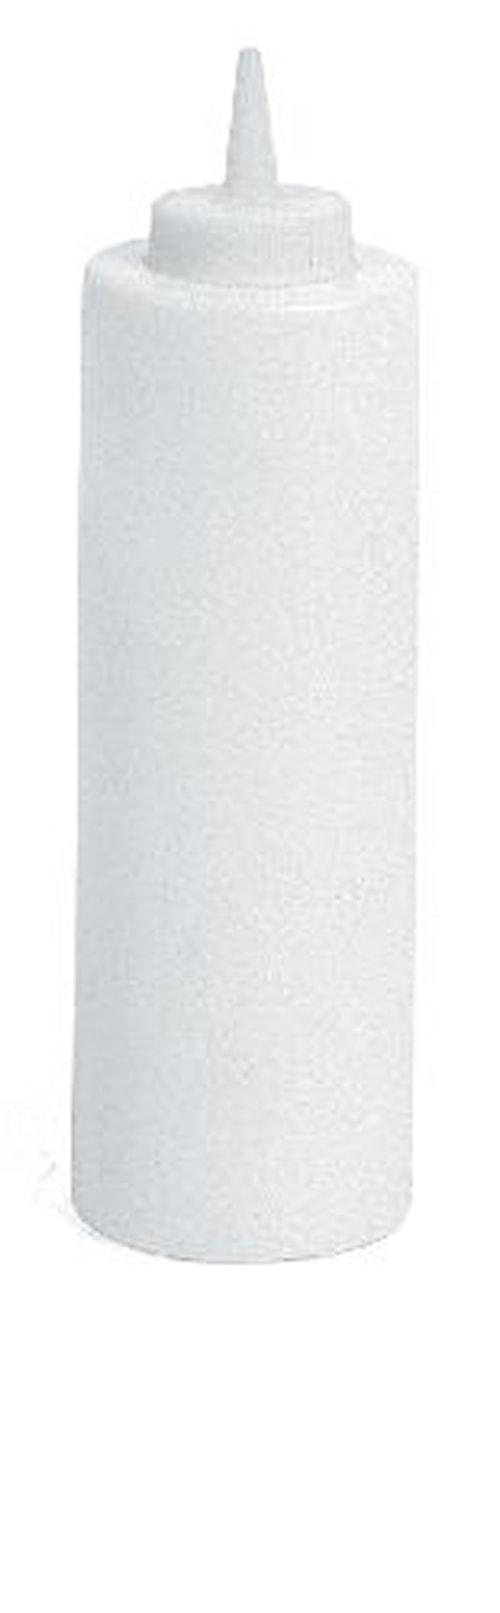 Kastikepullo 0,68 L